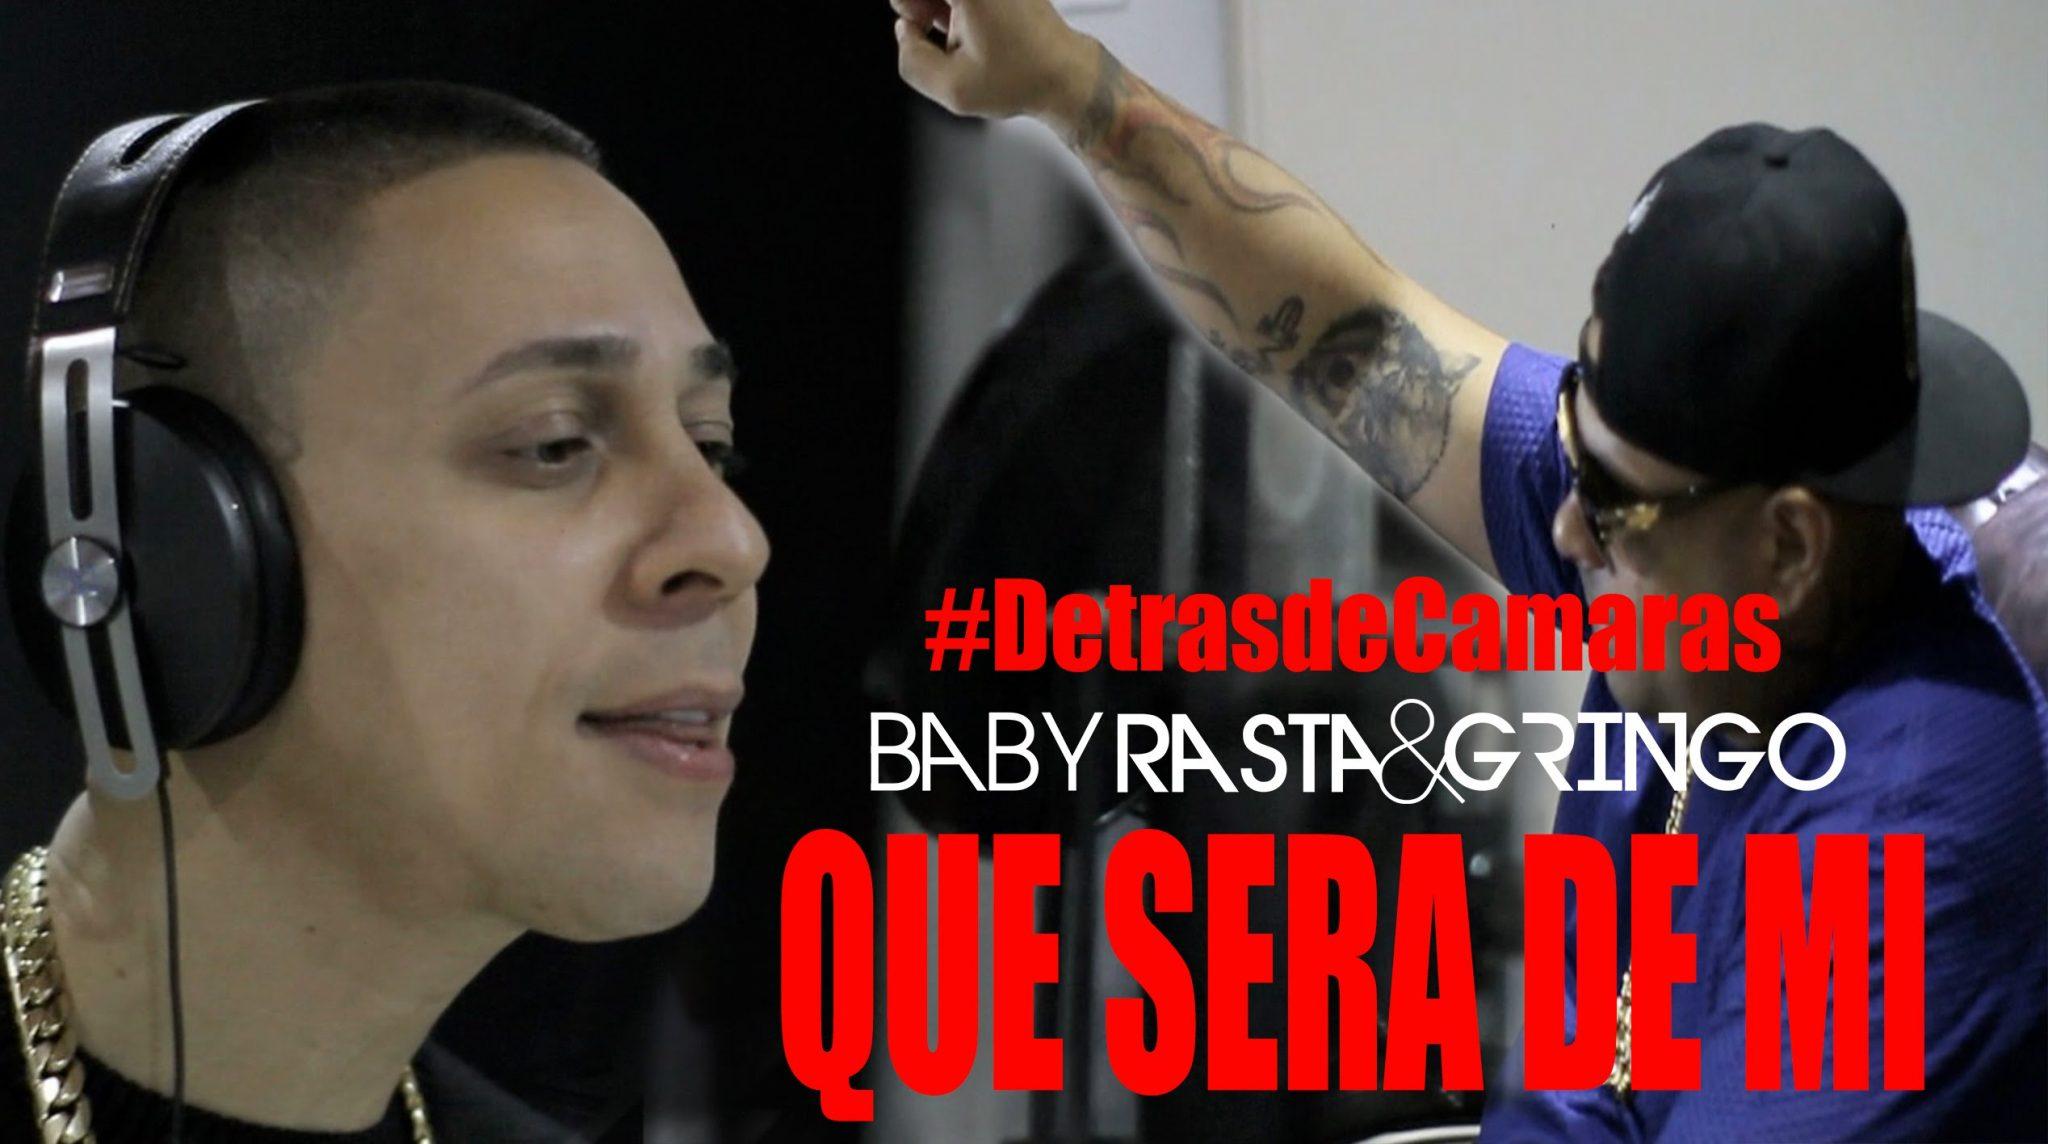 baby rasta y gringo que sera de - Baby Rasta y Gringo - Que Será de Mi (Detrás de Cámaras)